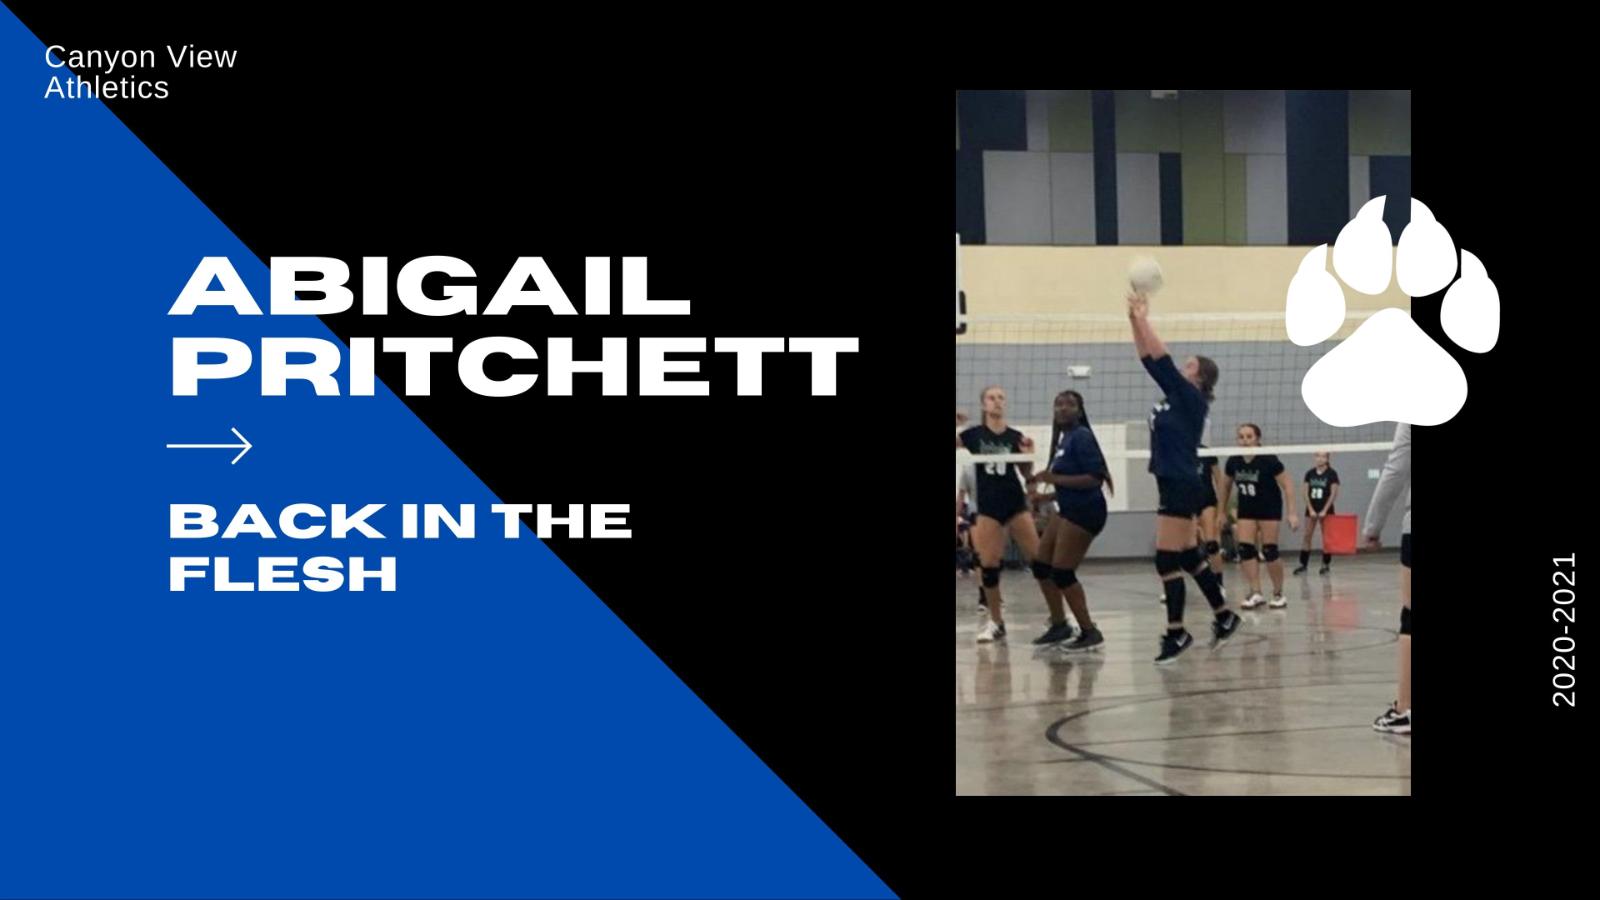 Abigail Pritchett